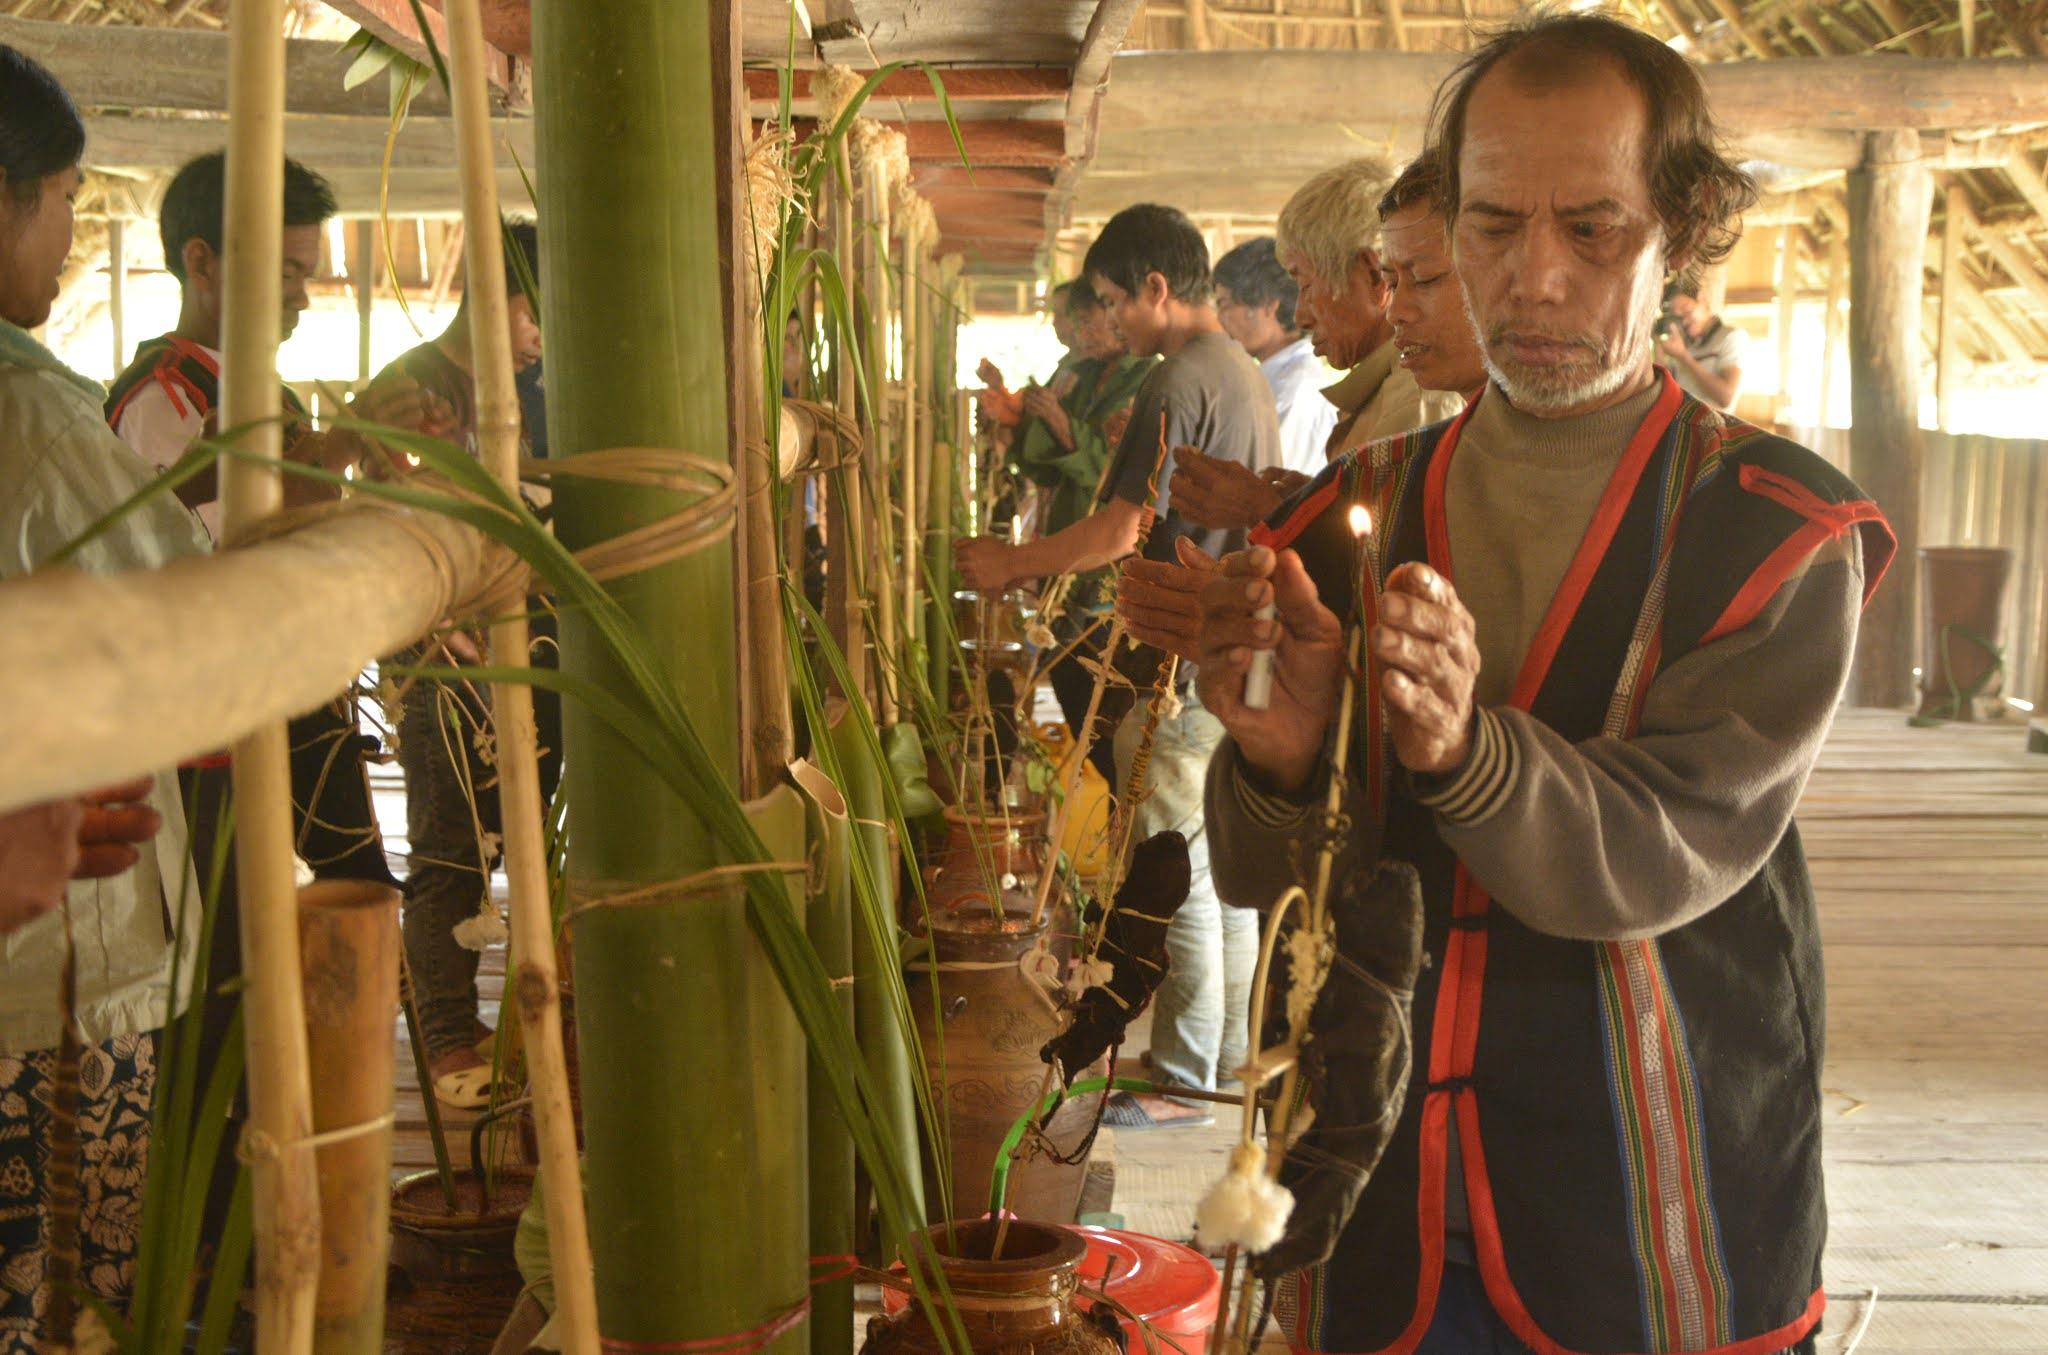 Thực hiện nghi lễ đốt lửa cầu mong mùa màng bội thu.